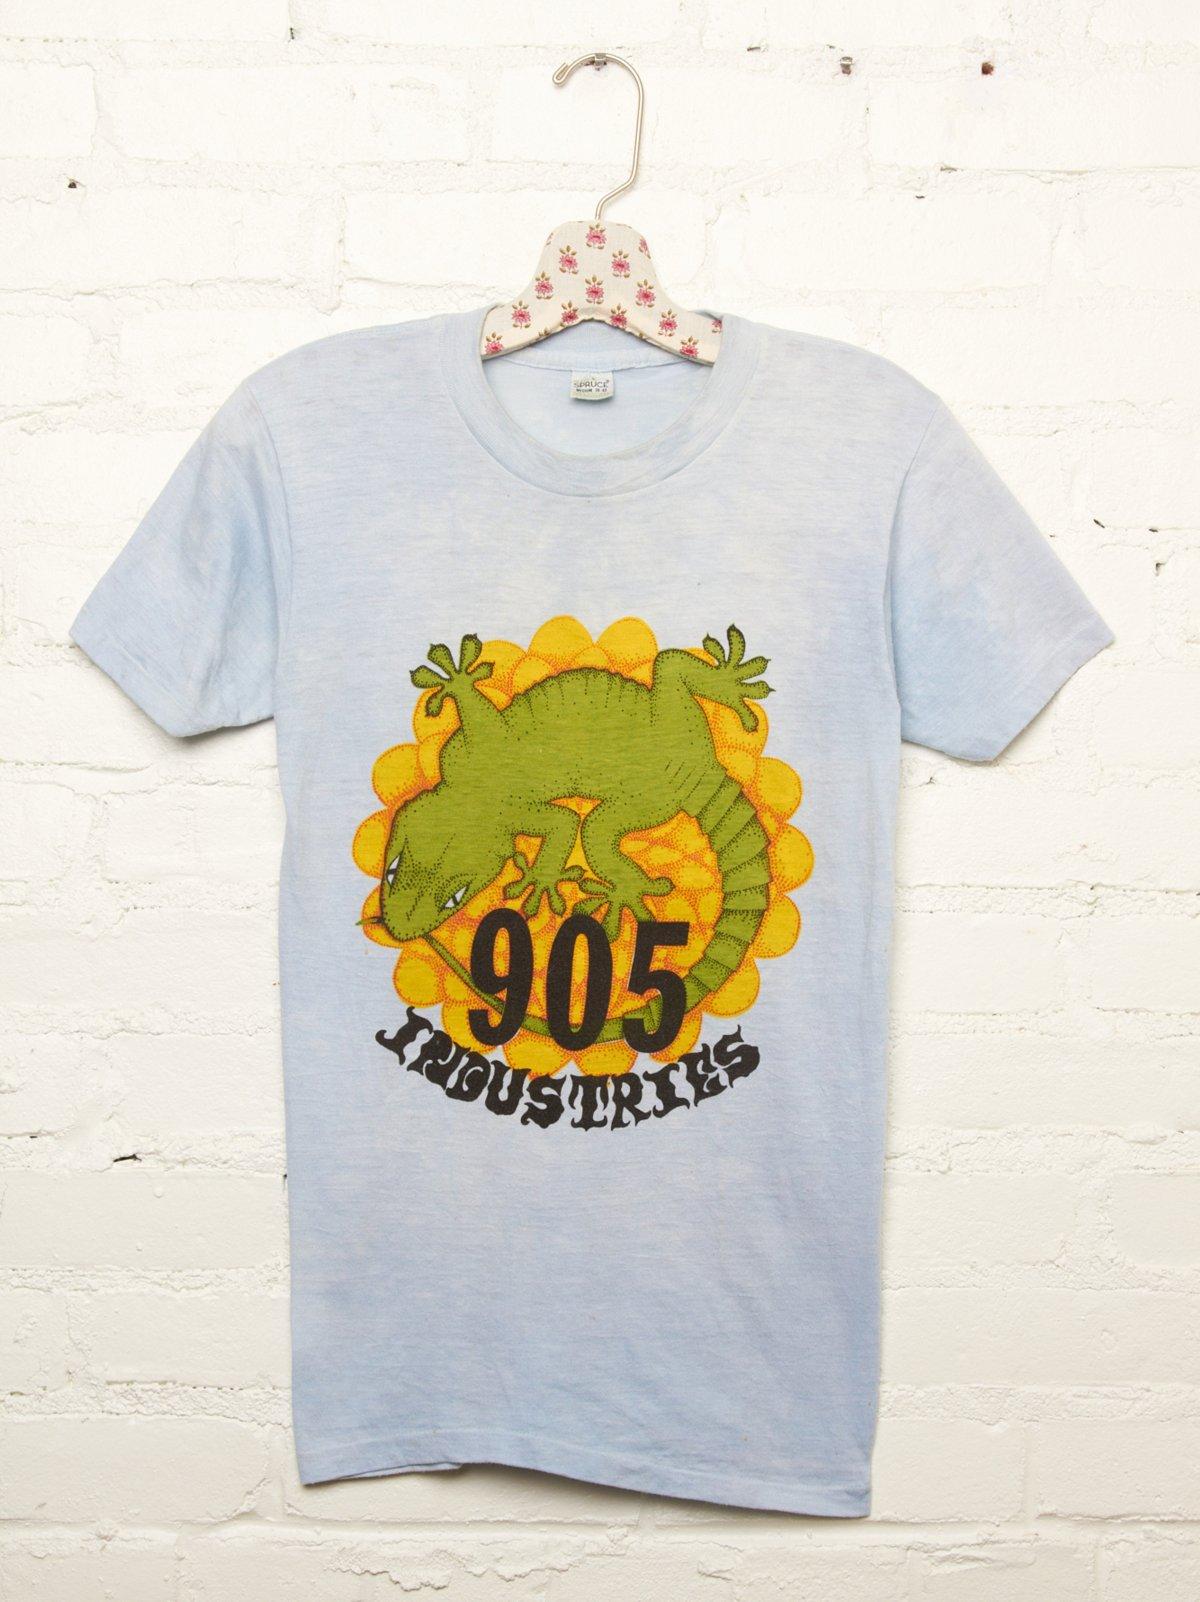 Vintage 905 Industries Tee